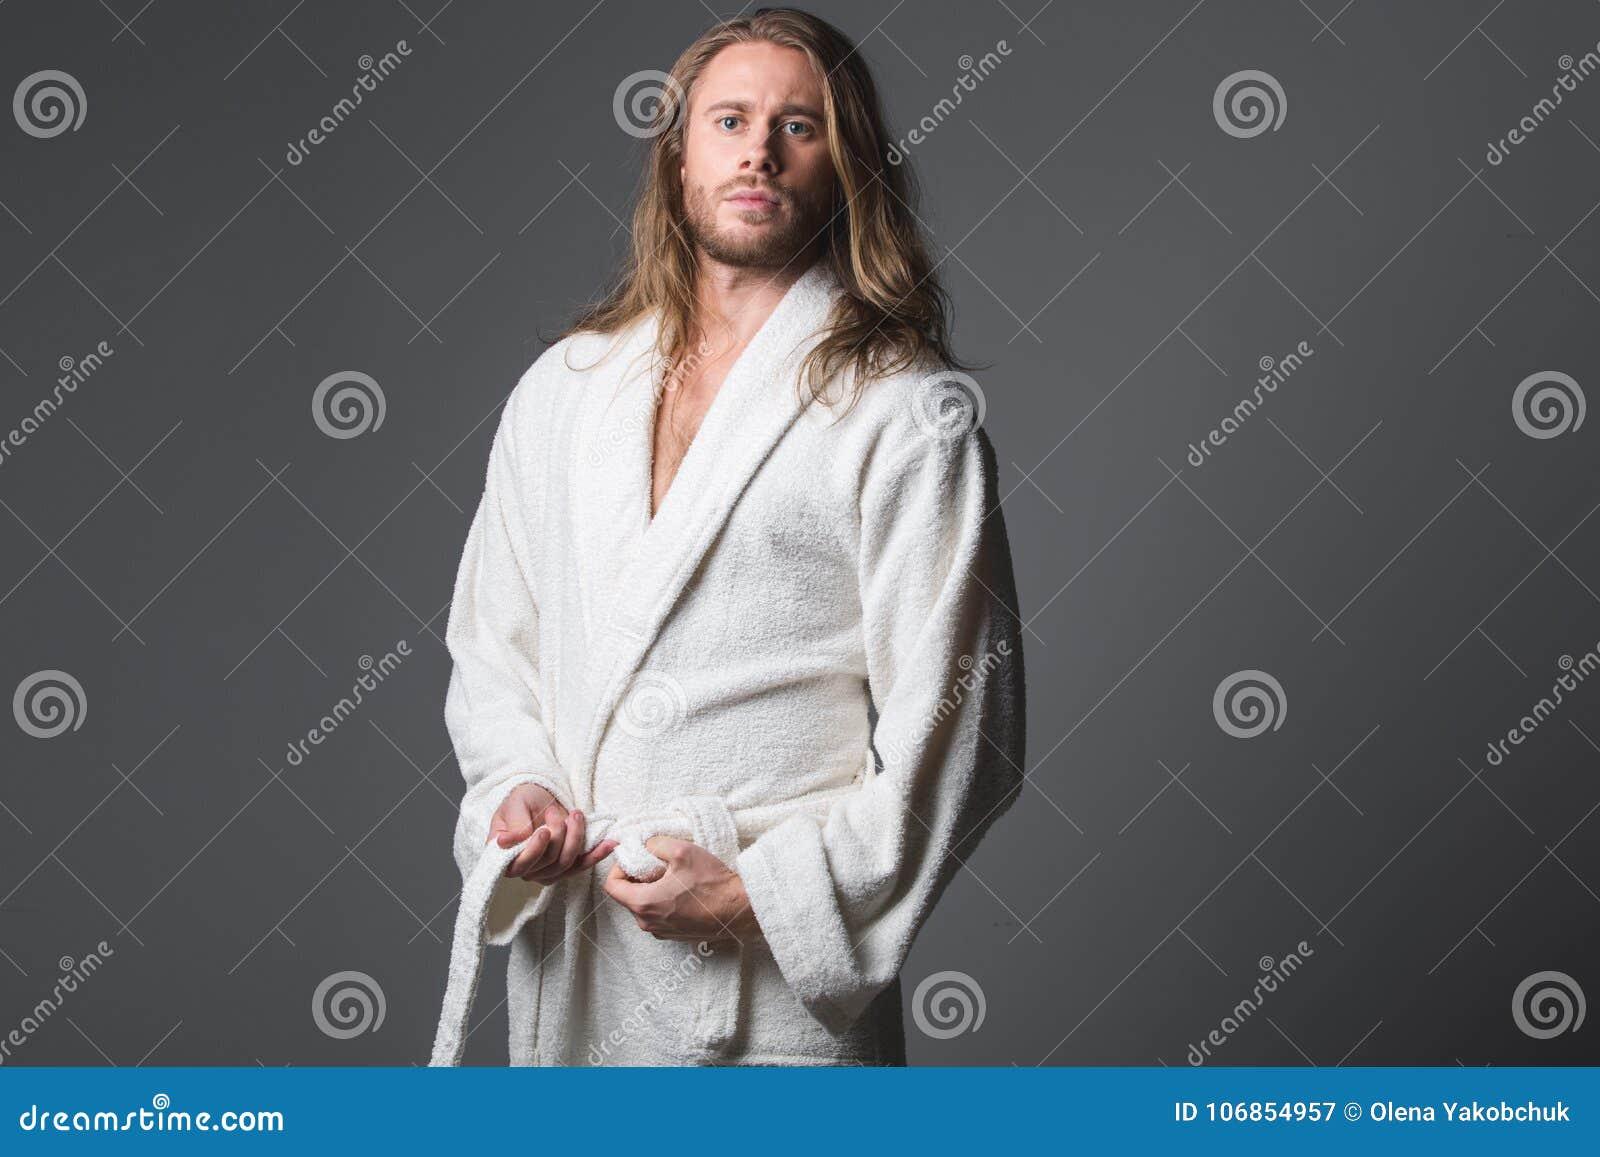 Severe Man Clothing His Housecoat Stock Image Image Of Fresh Background 106854957